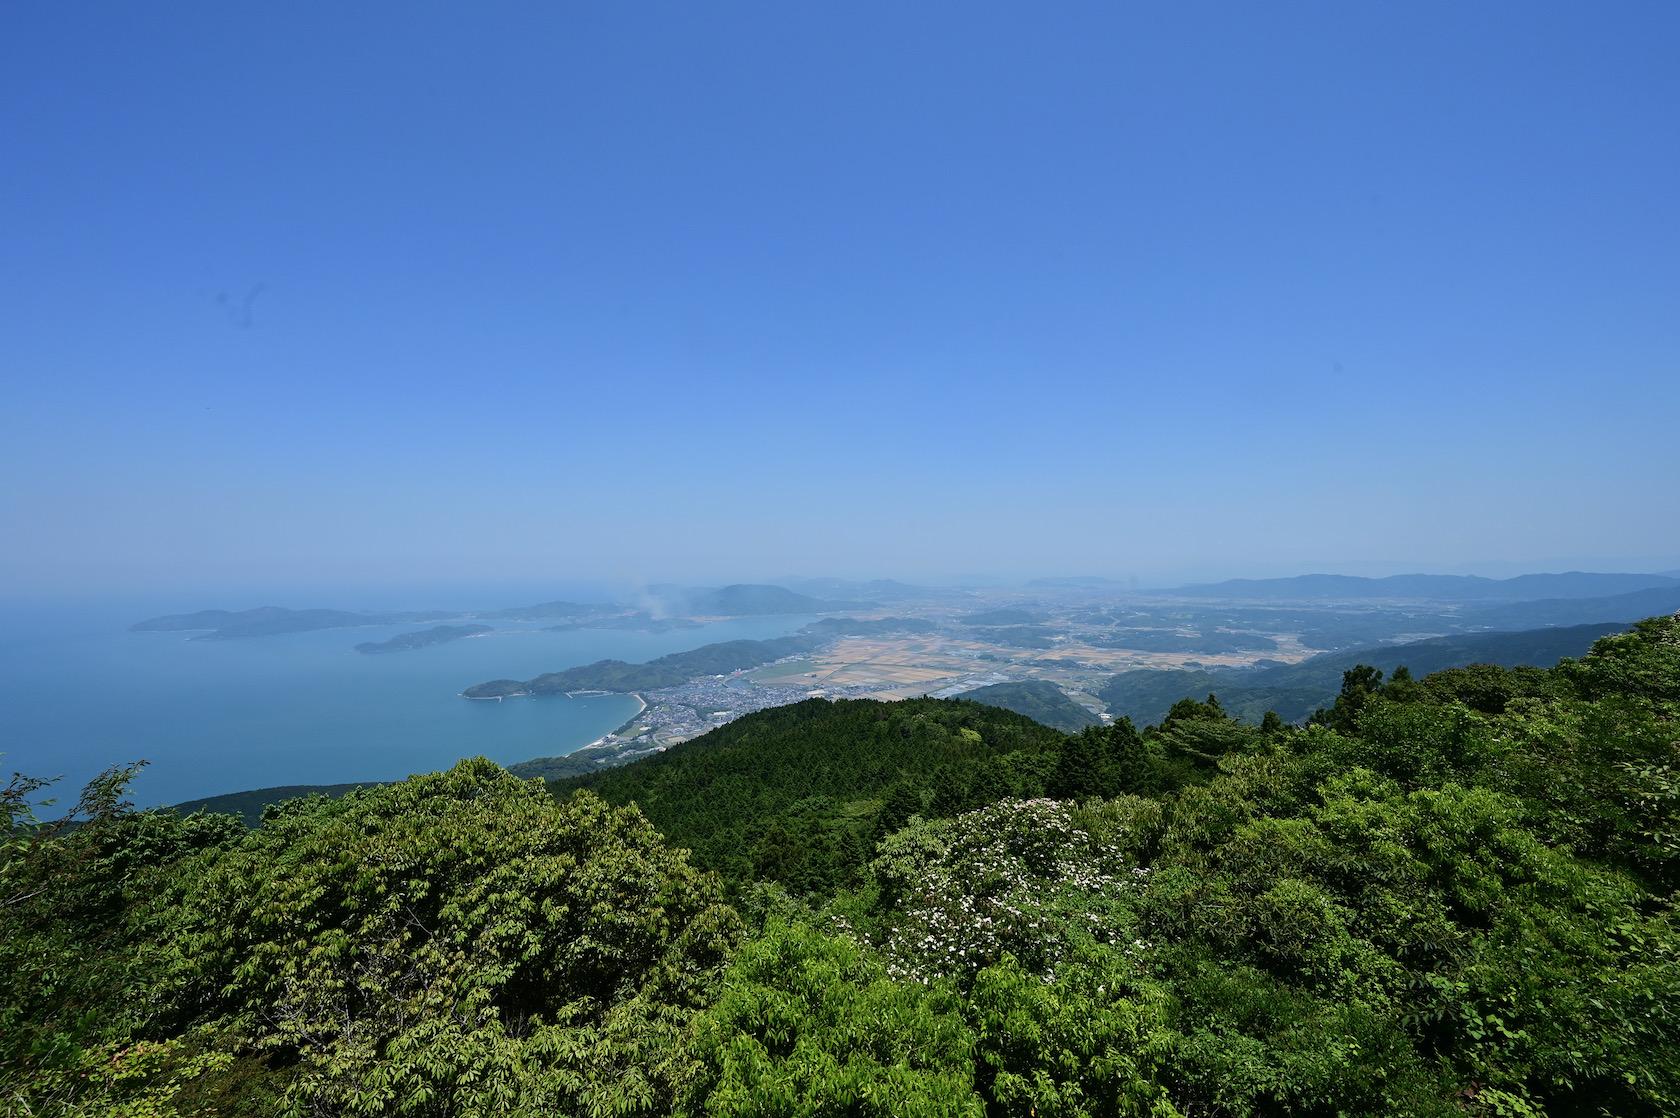 二丈岳山頂からの景色